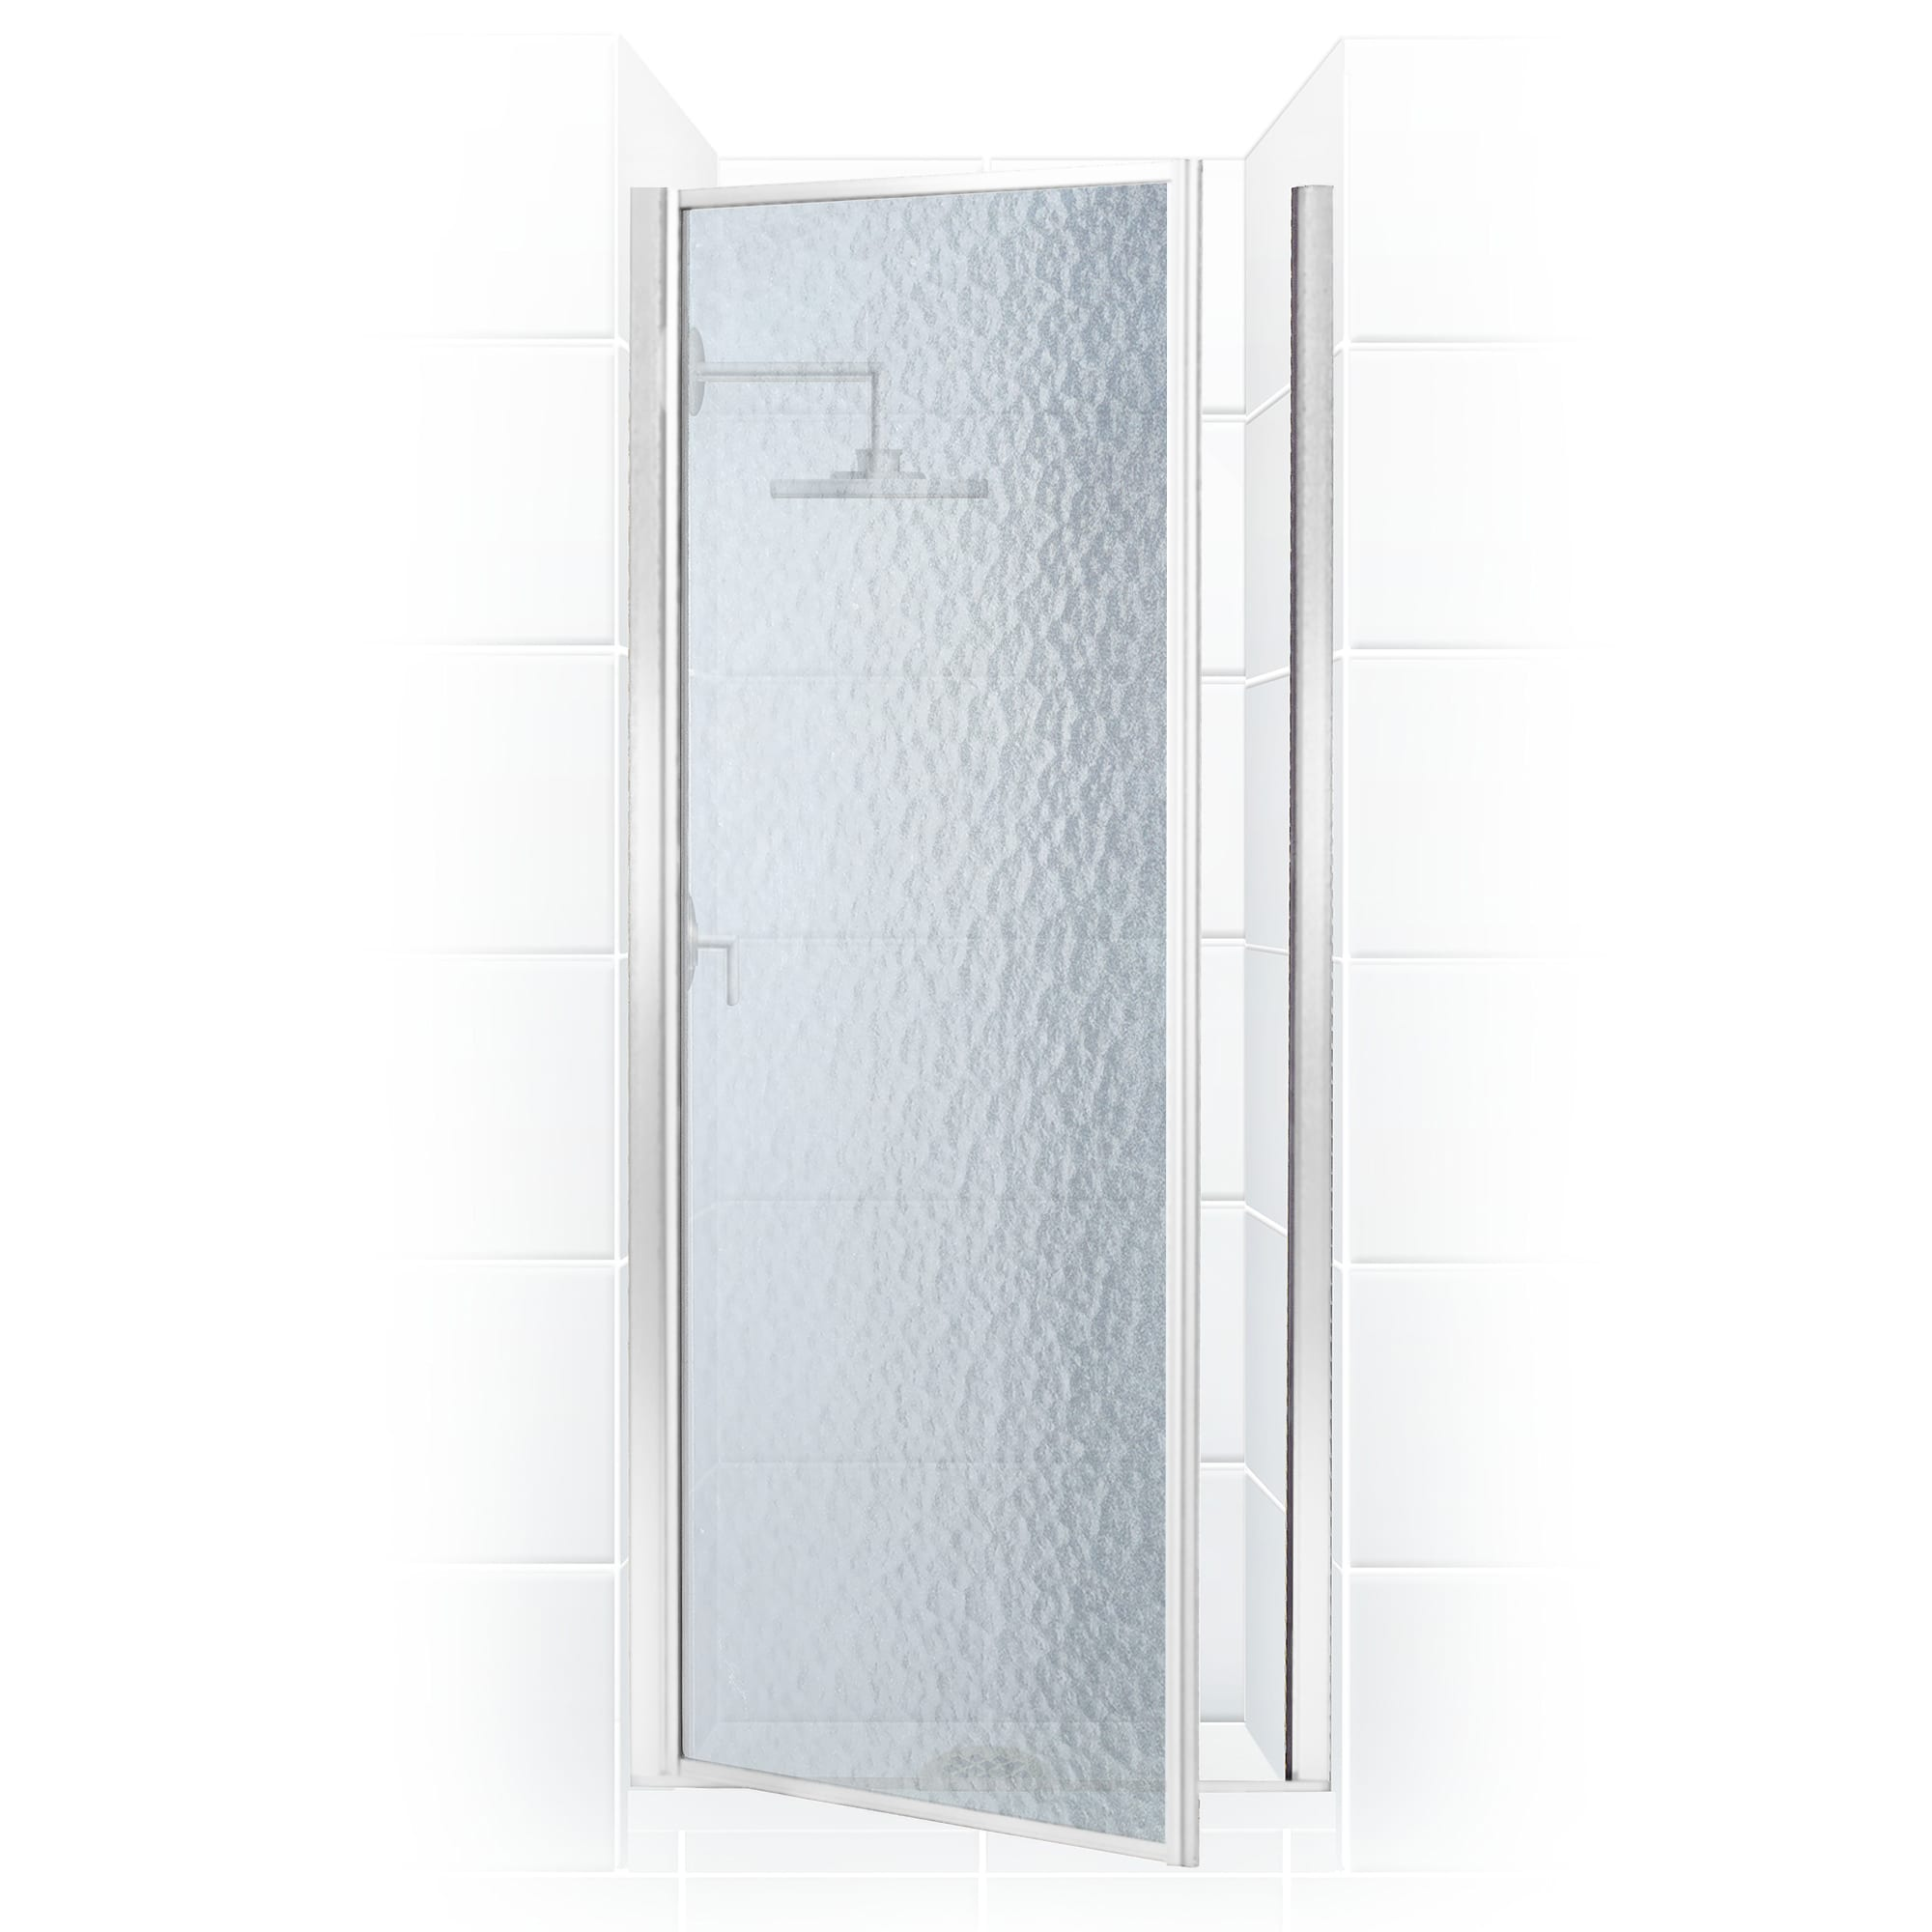 Coastal Shower Doors L31 66 A